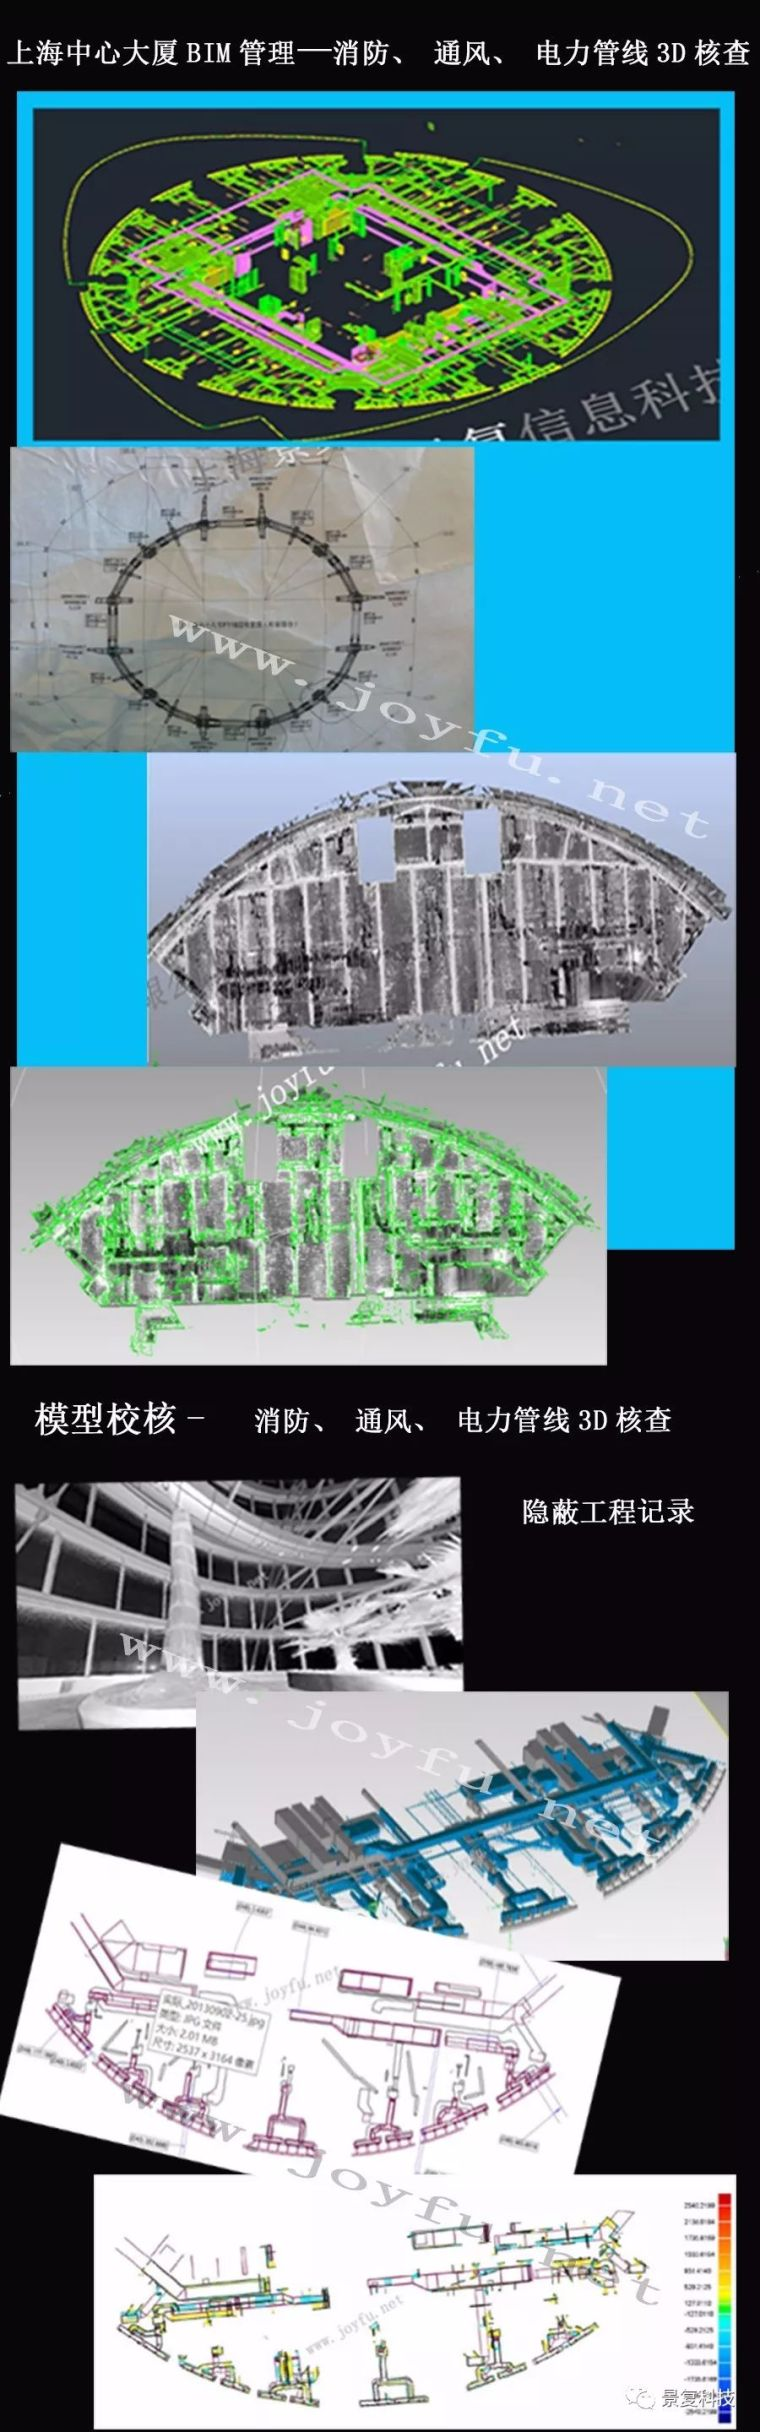 案例——上海中心大厦BIM管理及模型校核